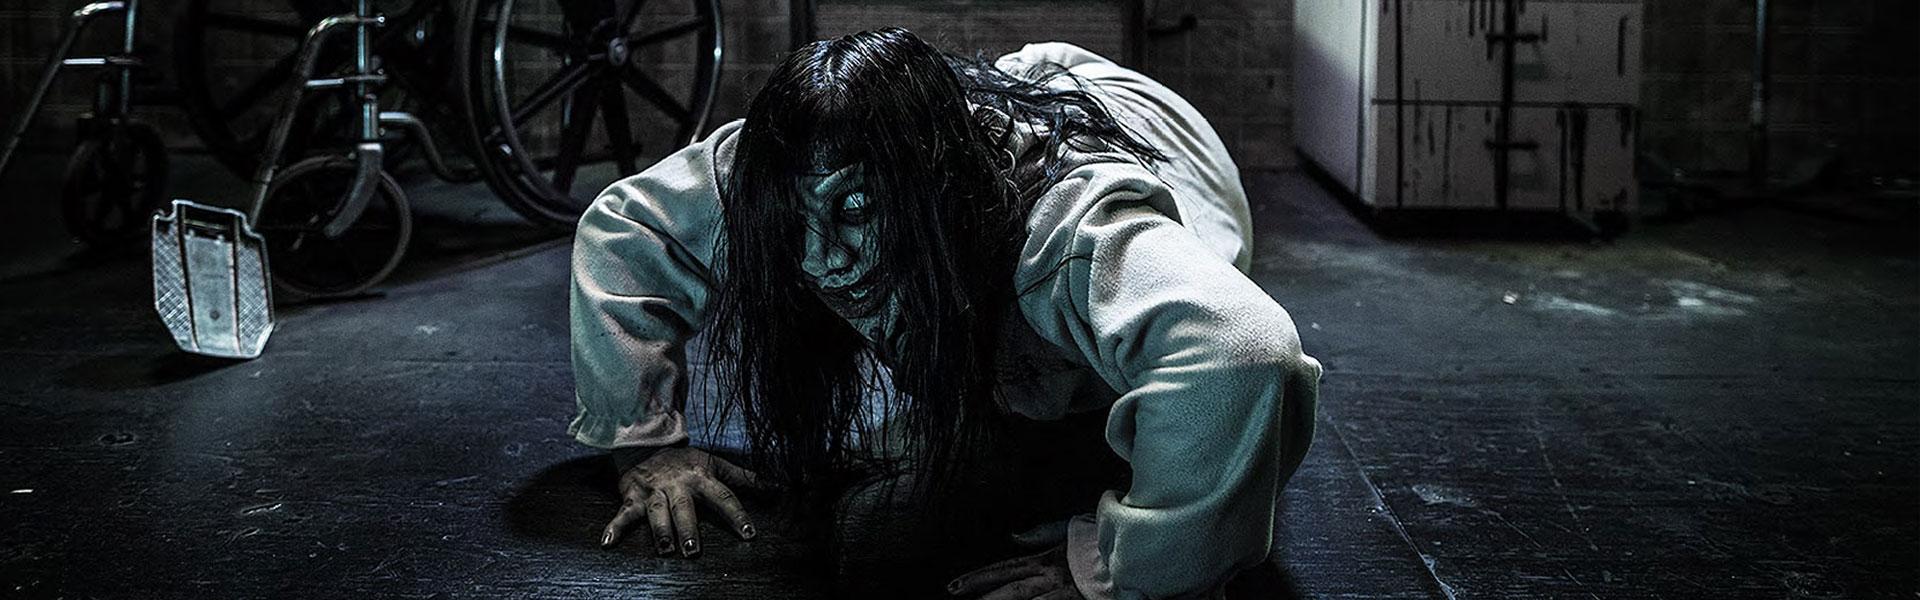 Knotts Scary Farm 2016 FearVR 5150